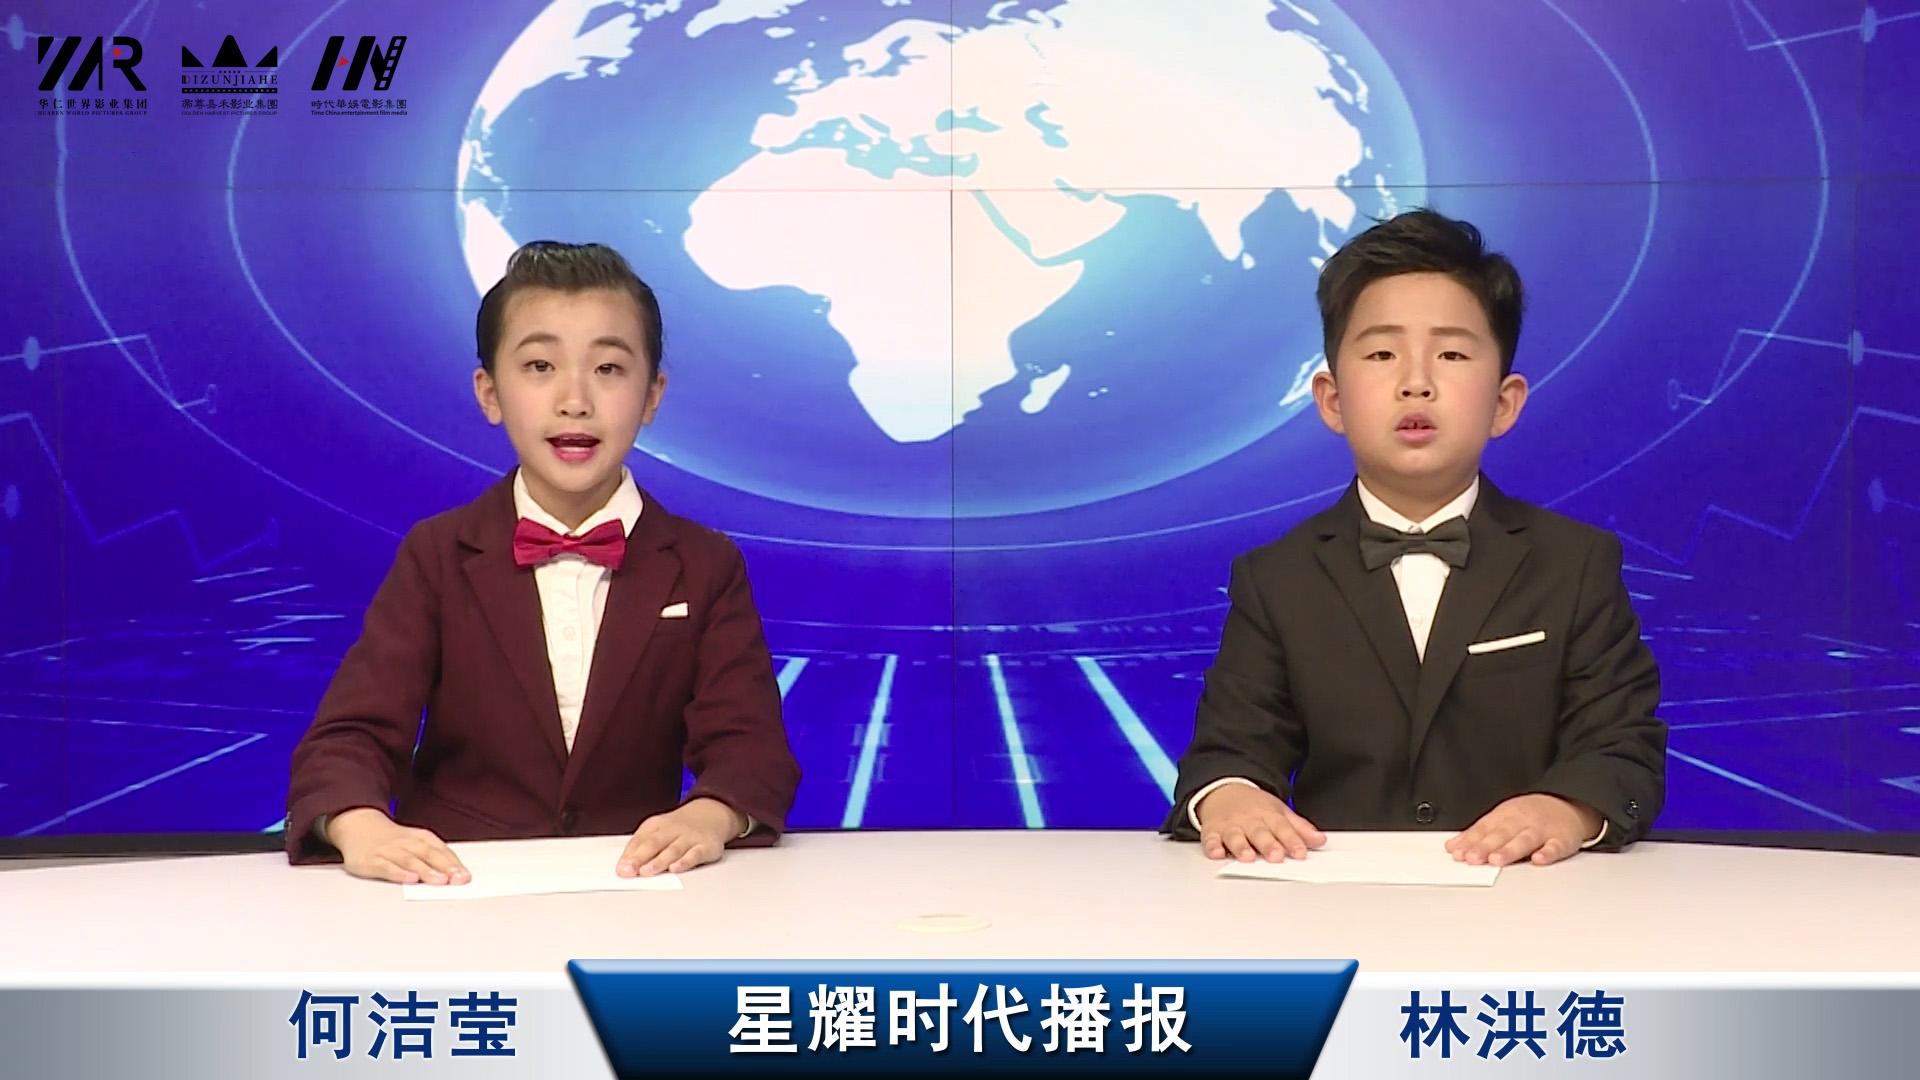 《星耀时代播报》第三十期何洁莹&l林洪德